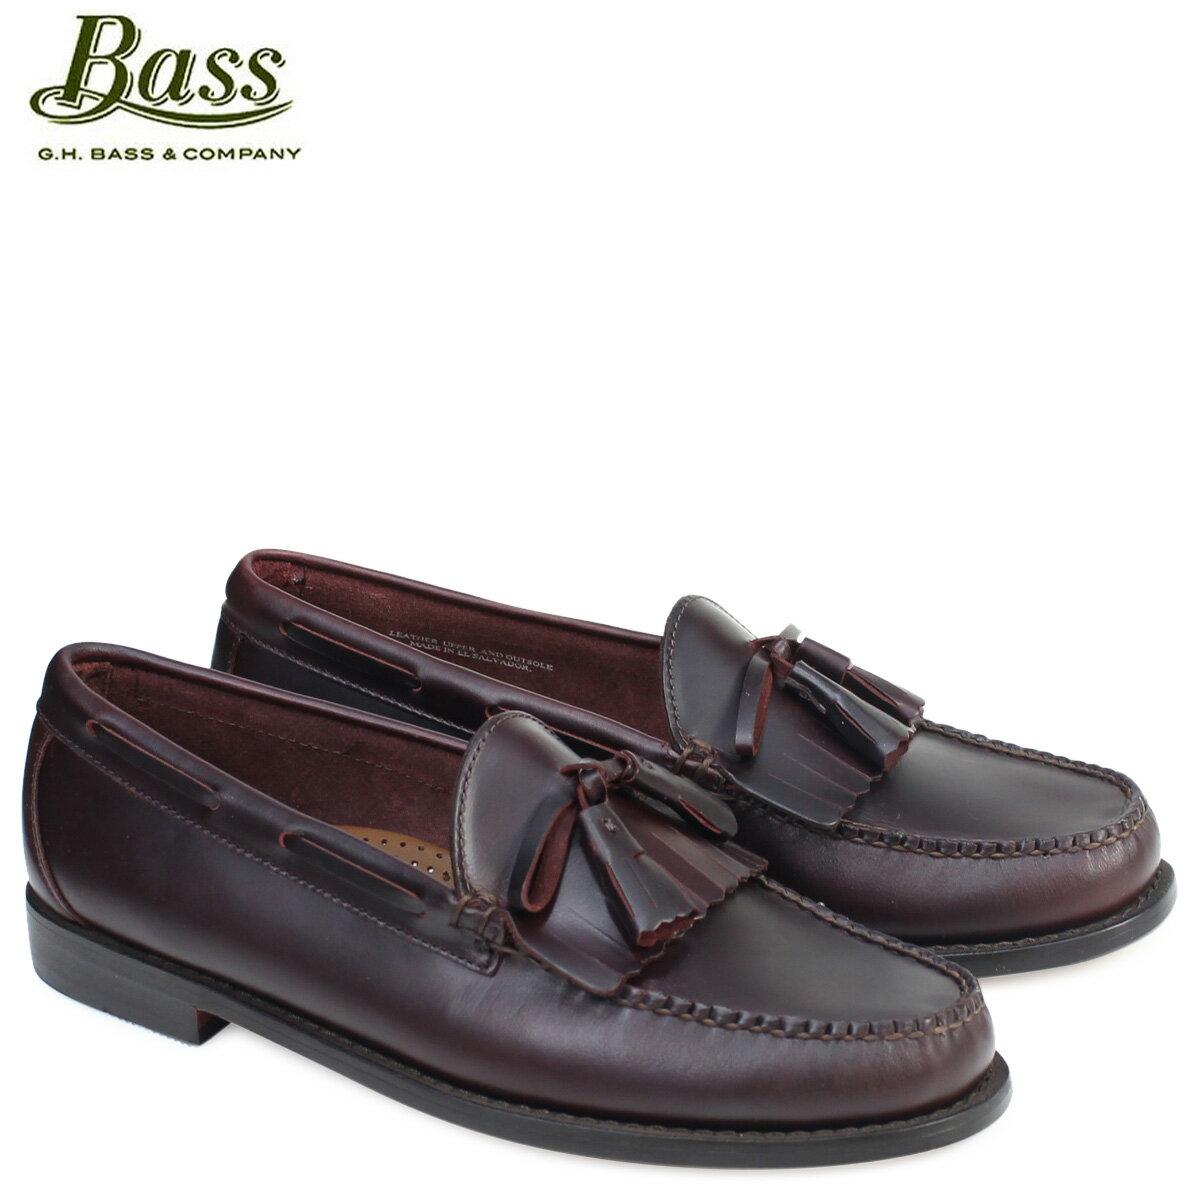 G.H. BASS ローファー ジーエイチバス メンズ タッセル LAWRENCE KILTIE WEEJUNS 70-80918 靴 バーガンディ